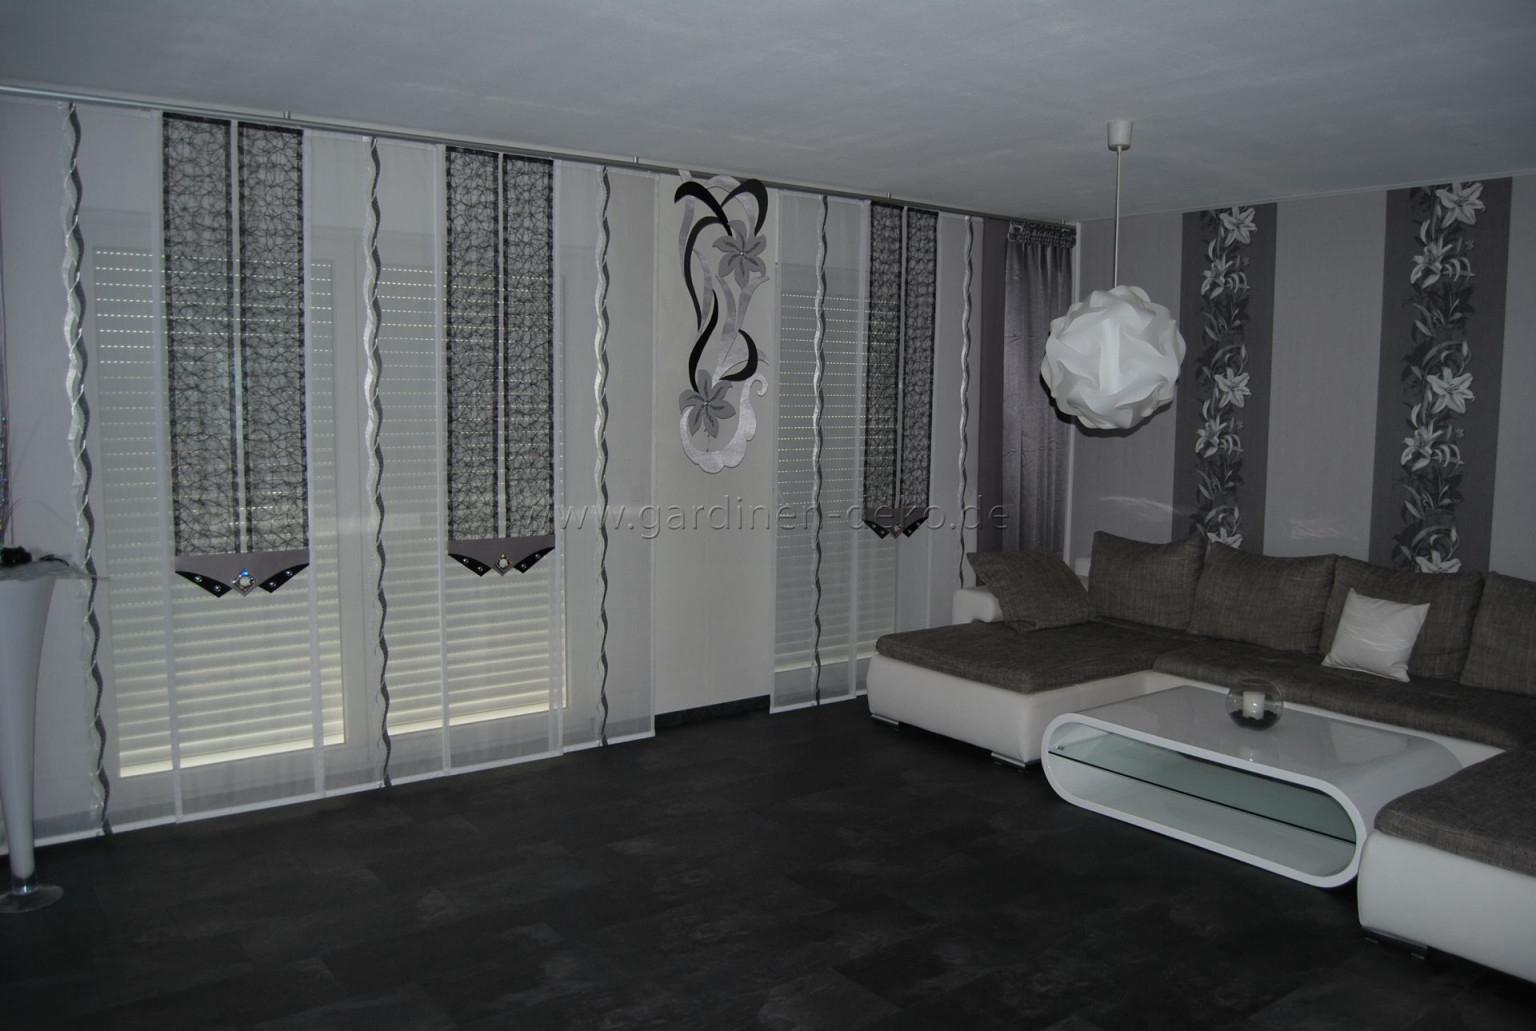 Wohnzimmer Schiebegardine Mit Schwarzgrauen Netzelementen von Wohnzimmer Gardinen Schwarz Weiß Photo